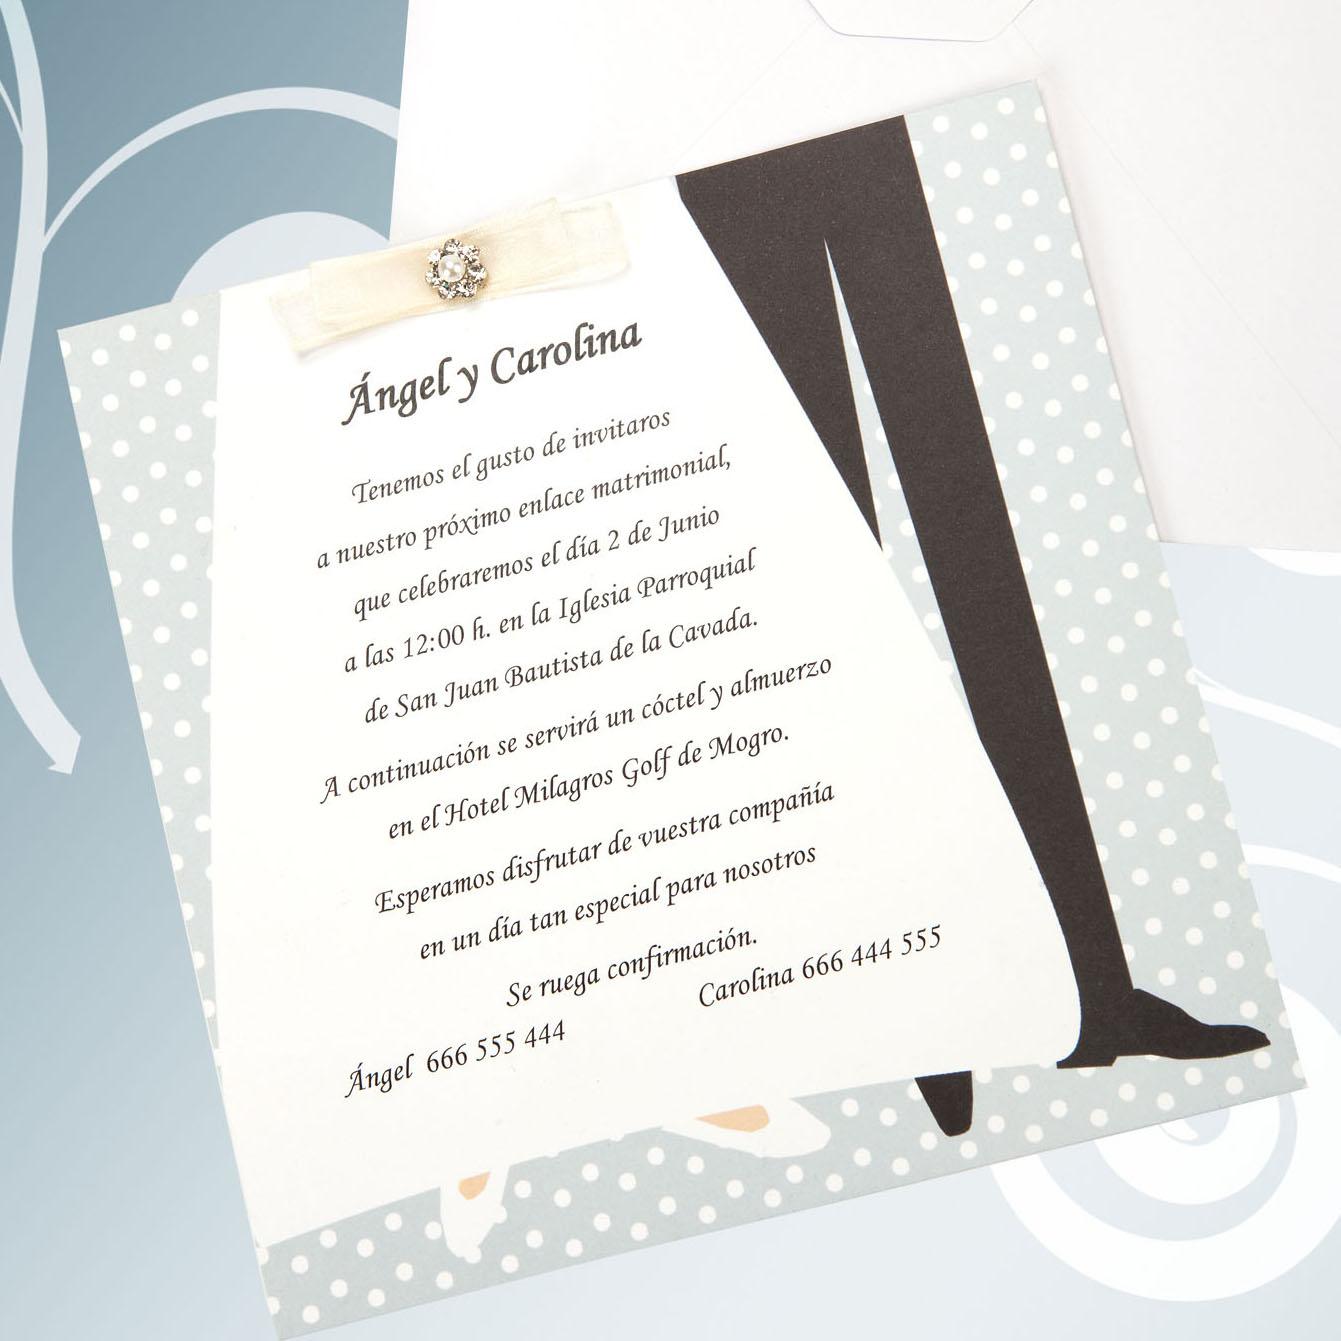 Invitaci n de boda n 129 impresi n incluida - Cosas que preparar para una boda ...